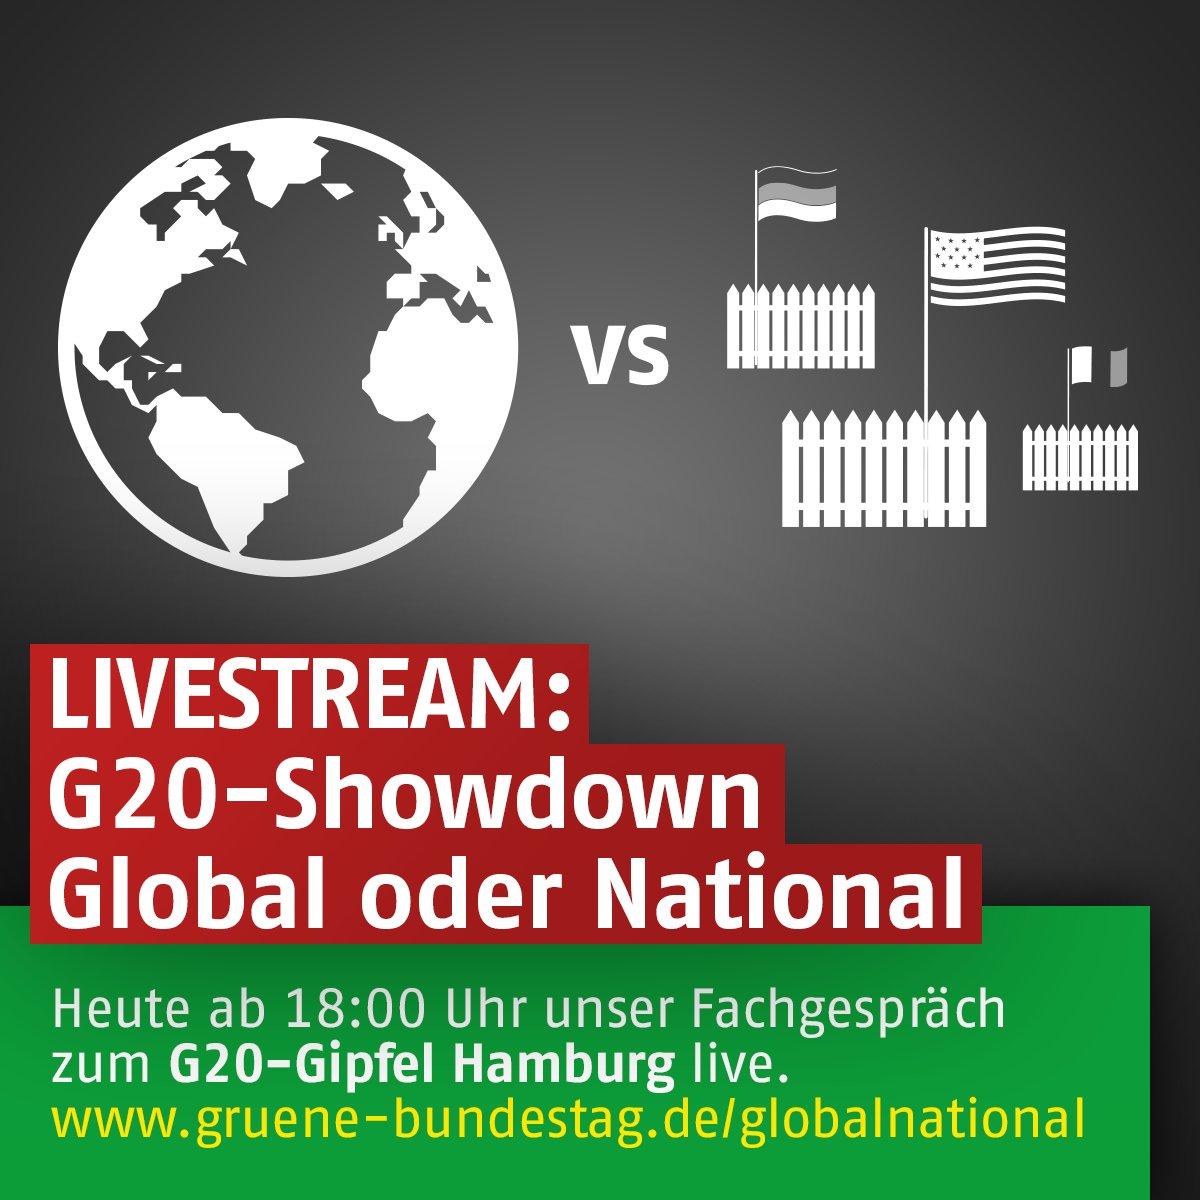 Grüne Im Bundestag On Twitter Heute Abend Im